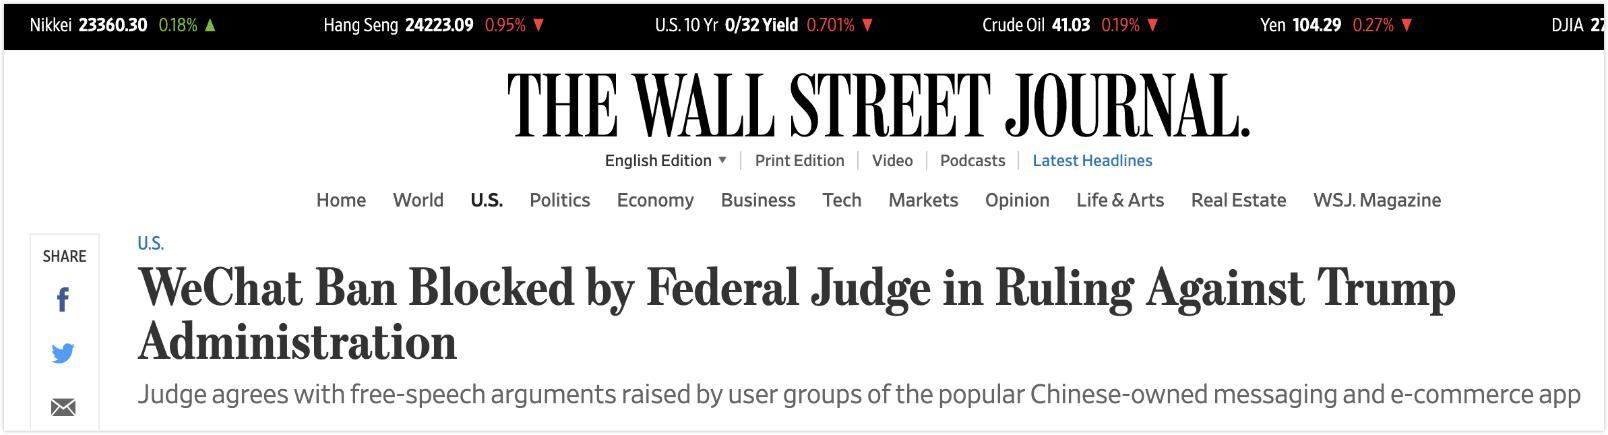 剧情反转?美加州法官叫停微信海外版禁令